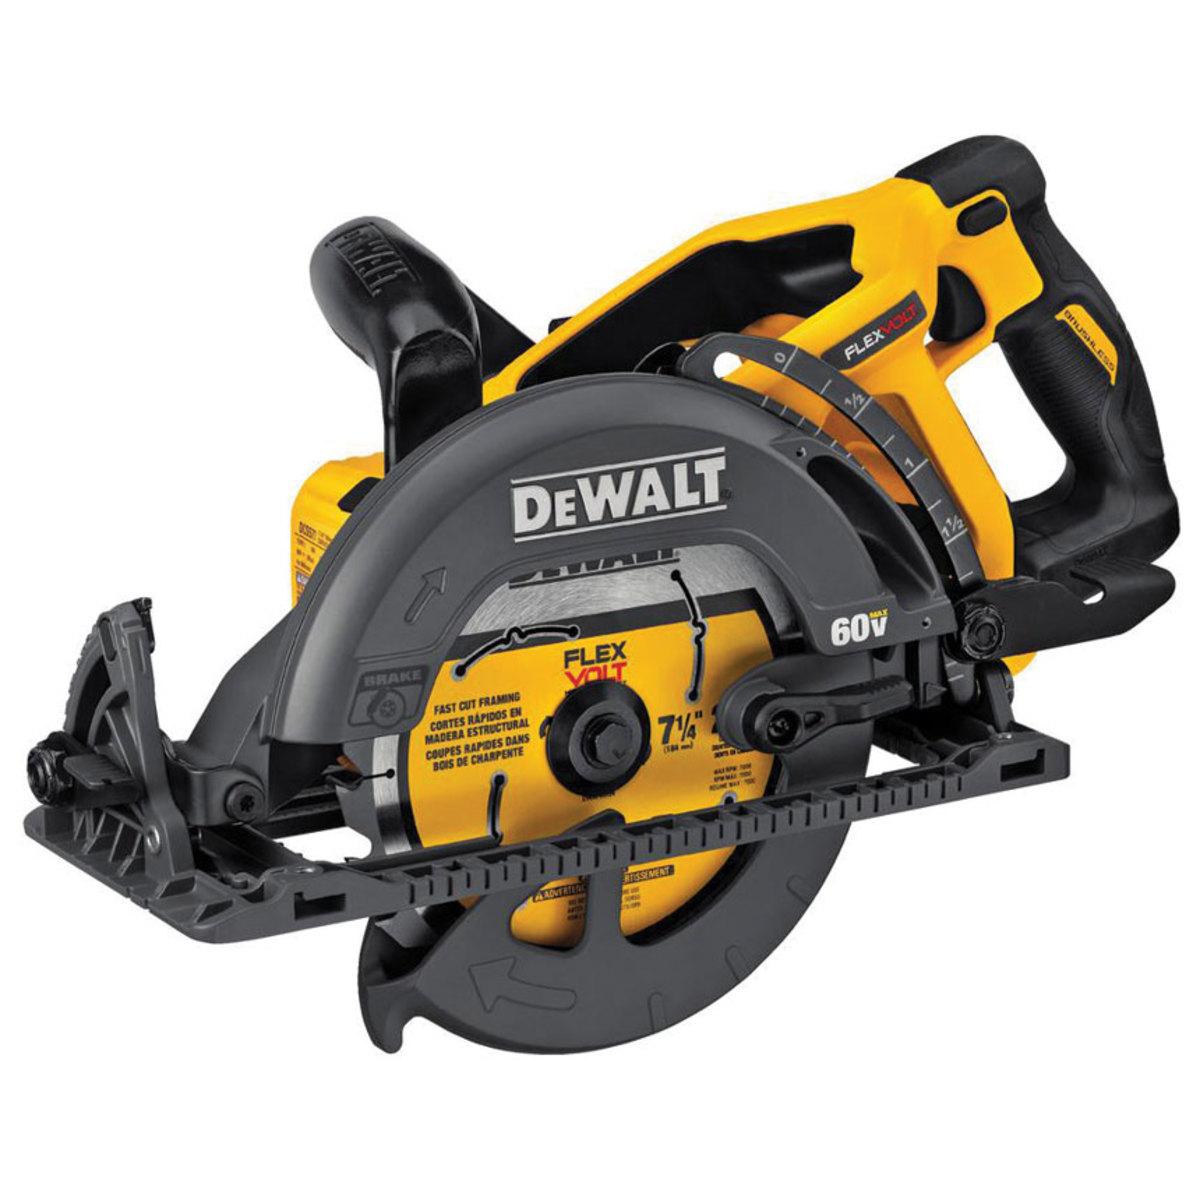 DeWalt's DCS577 circular saw